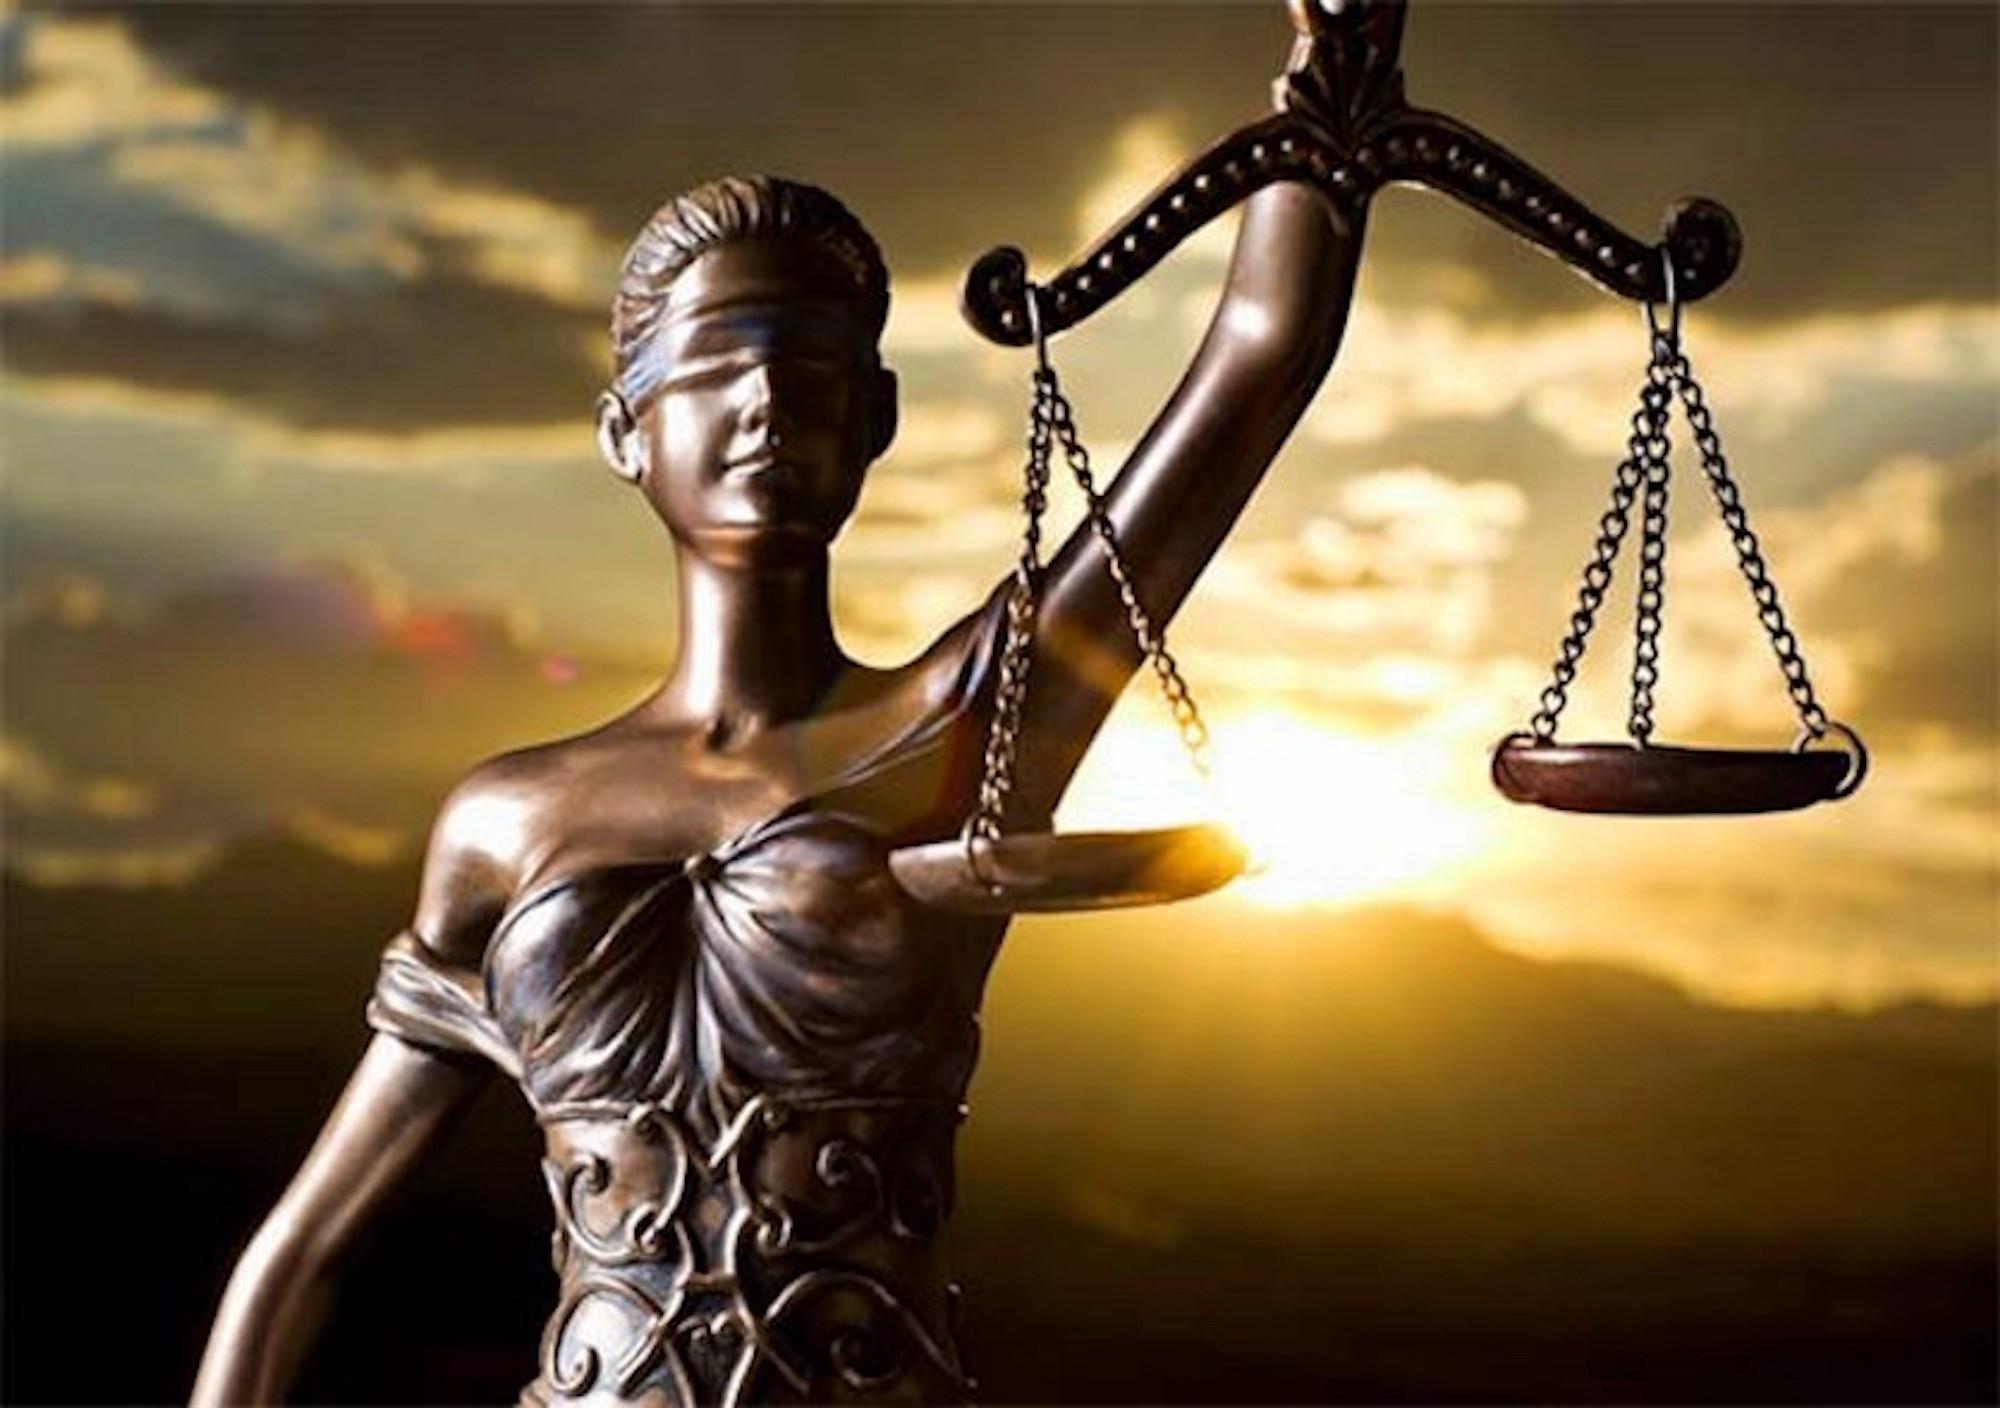 Reflexões sobre o Jusnaturalismo, Jusracionalismo e a Ética da Propriedade Privada | Diversos Autores